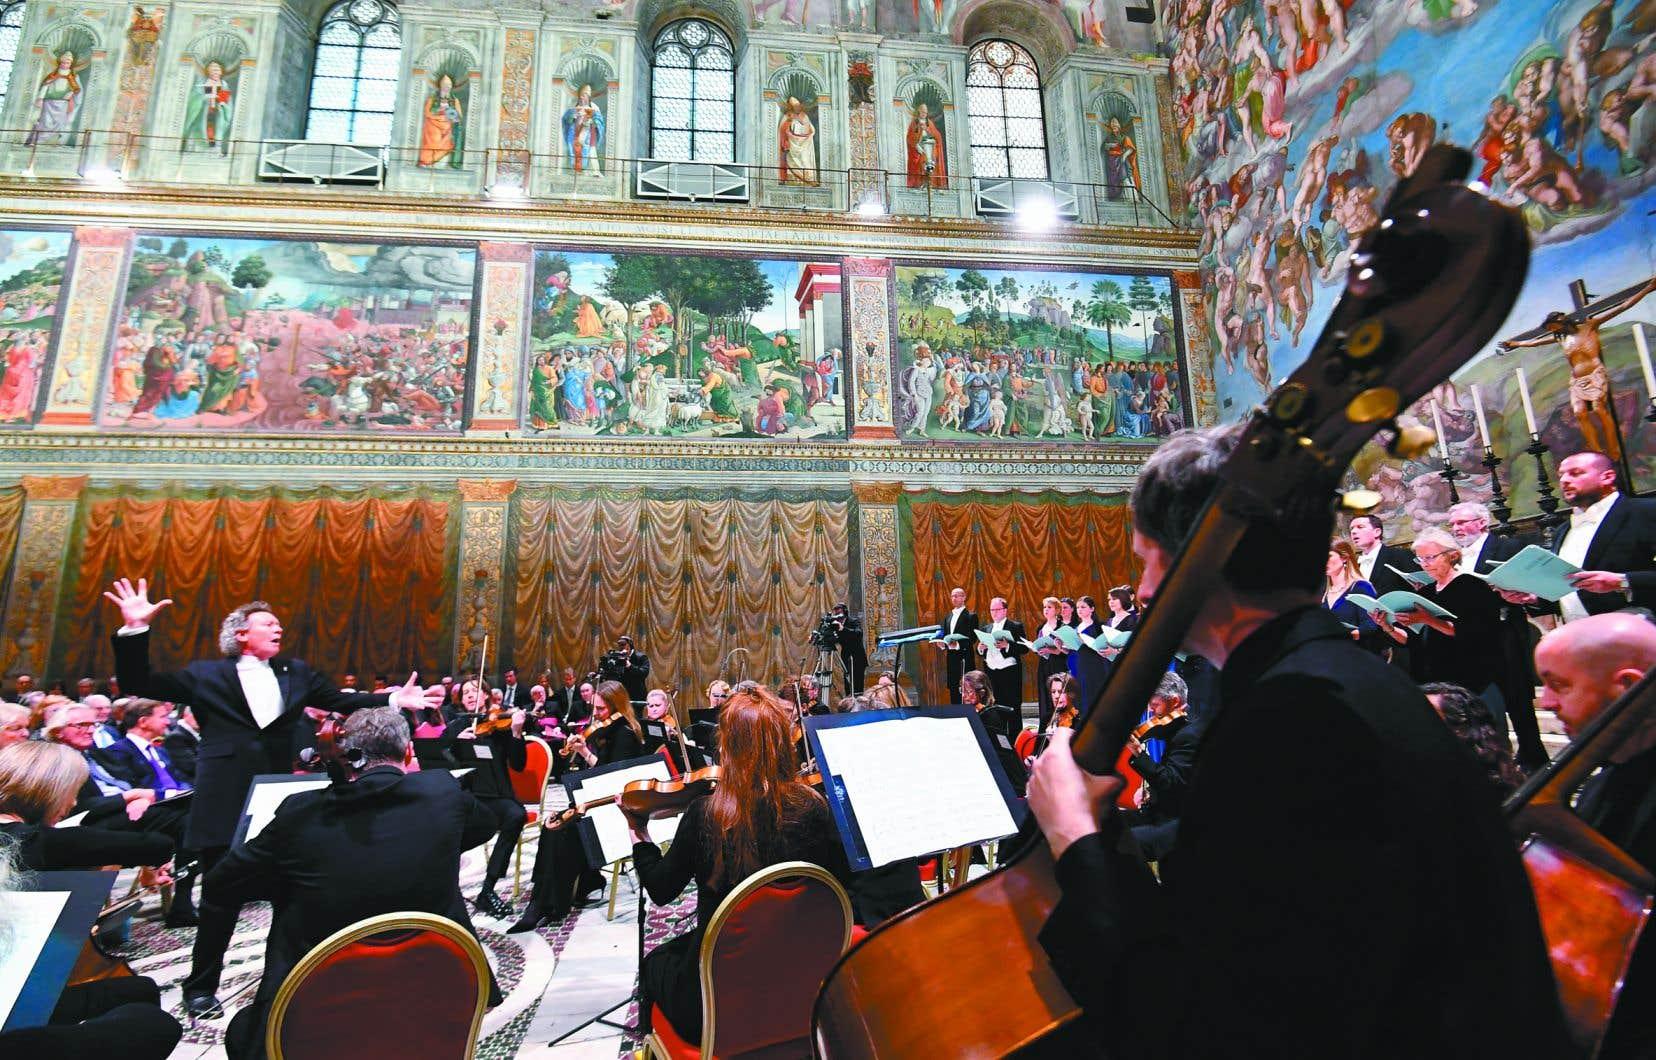 L'œuvre «Stabat Mater» a été interprétée par le chœur The Sixteen et l'orchestre de cordes Britten Sinfonia,sous la direction de Harry Christophers.